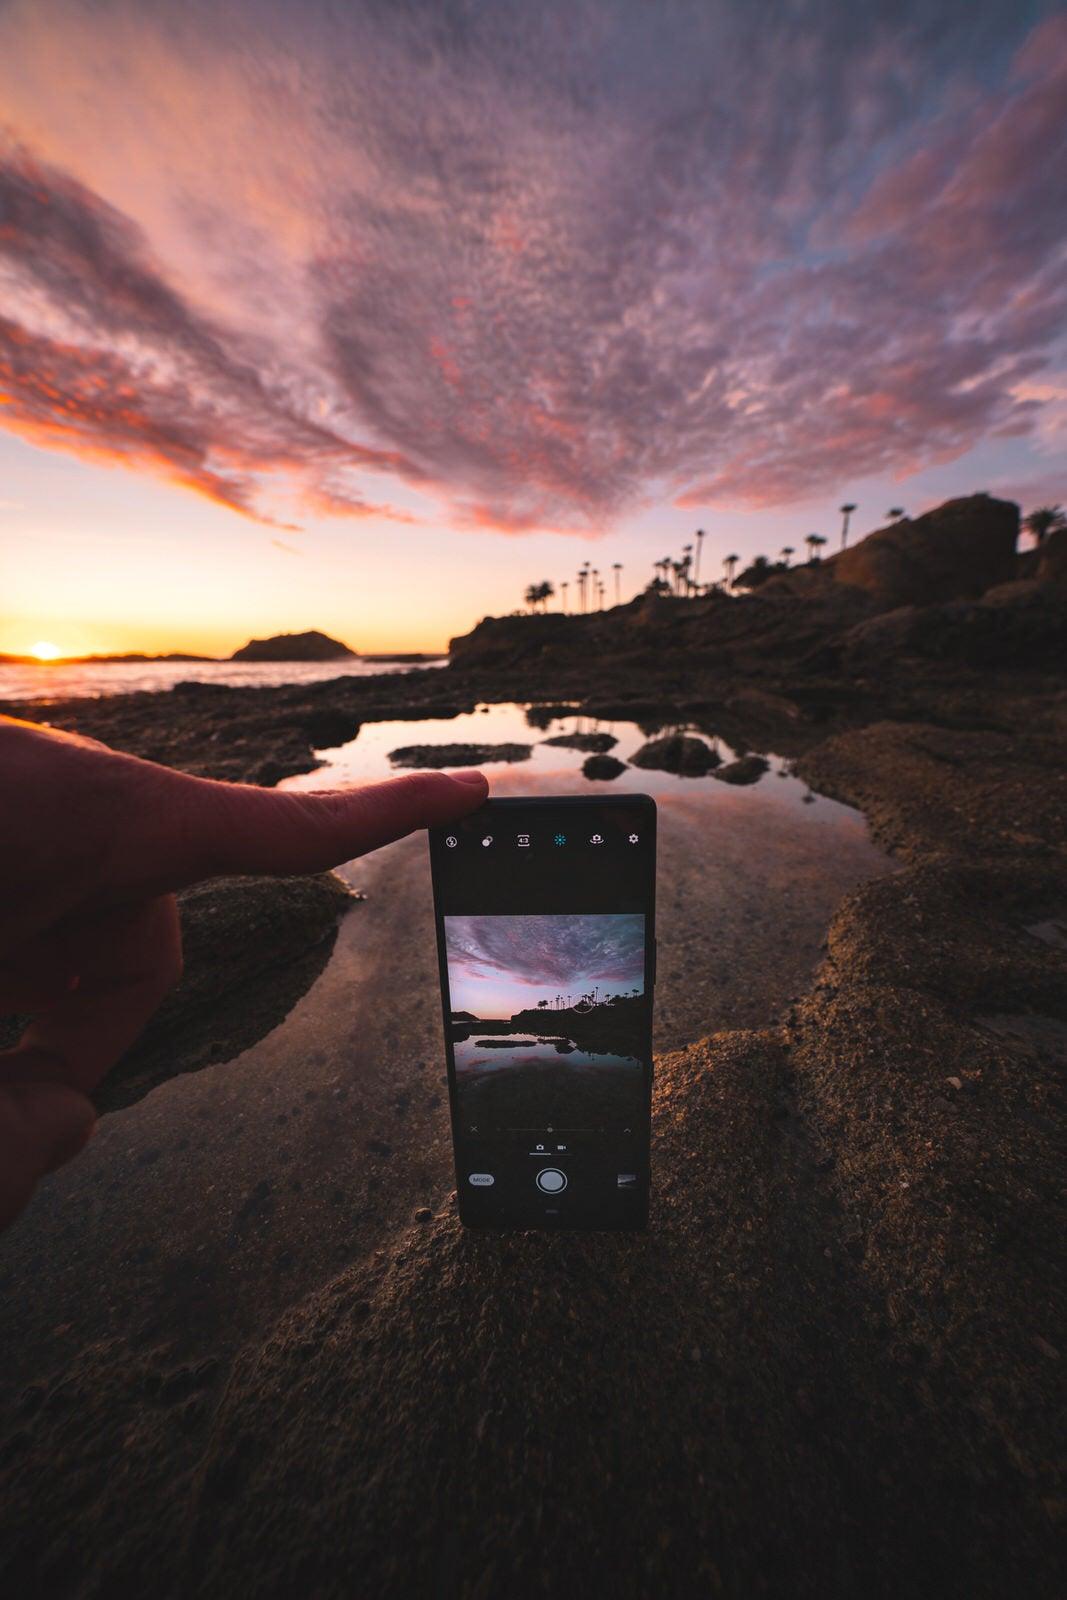 Alpha-Universe-photo-by-Eric-Ruben-erubes-Sony-Xperia-Laguna-Beach-tidepools-phone.jpg